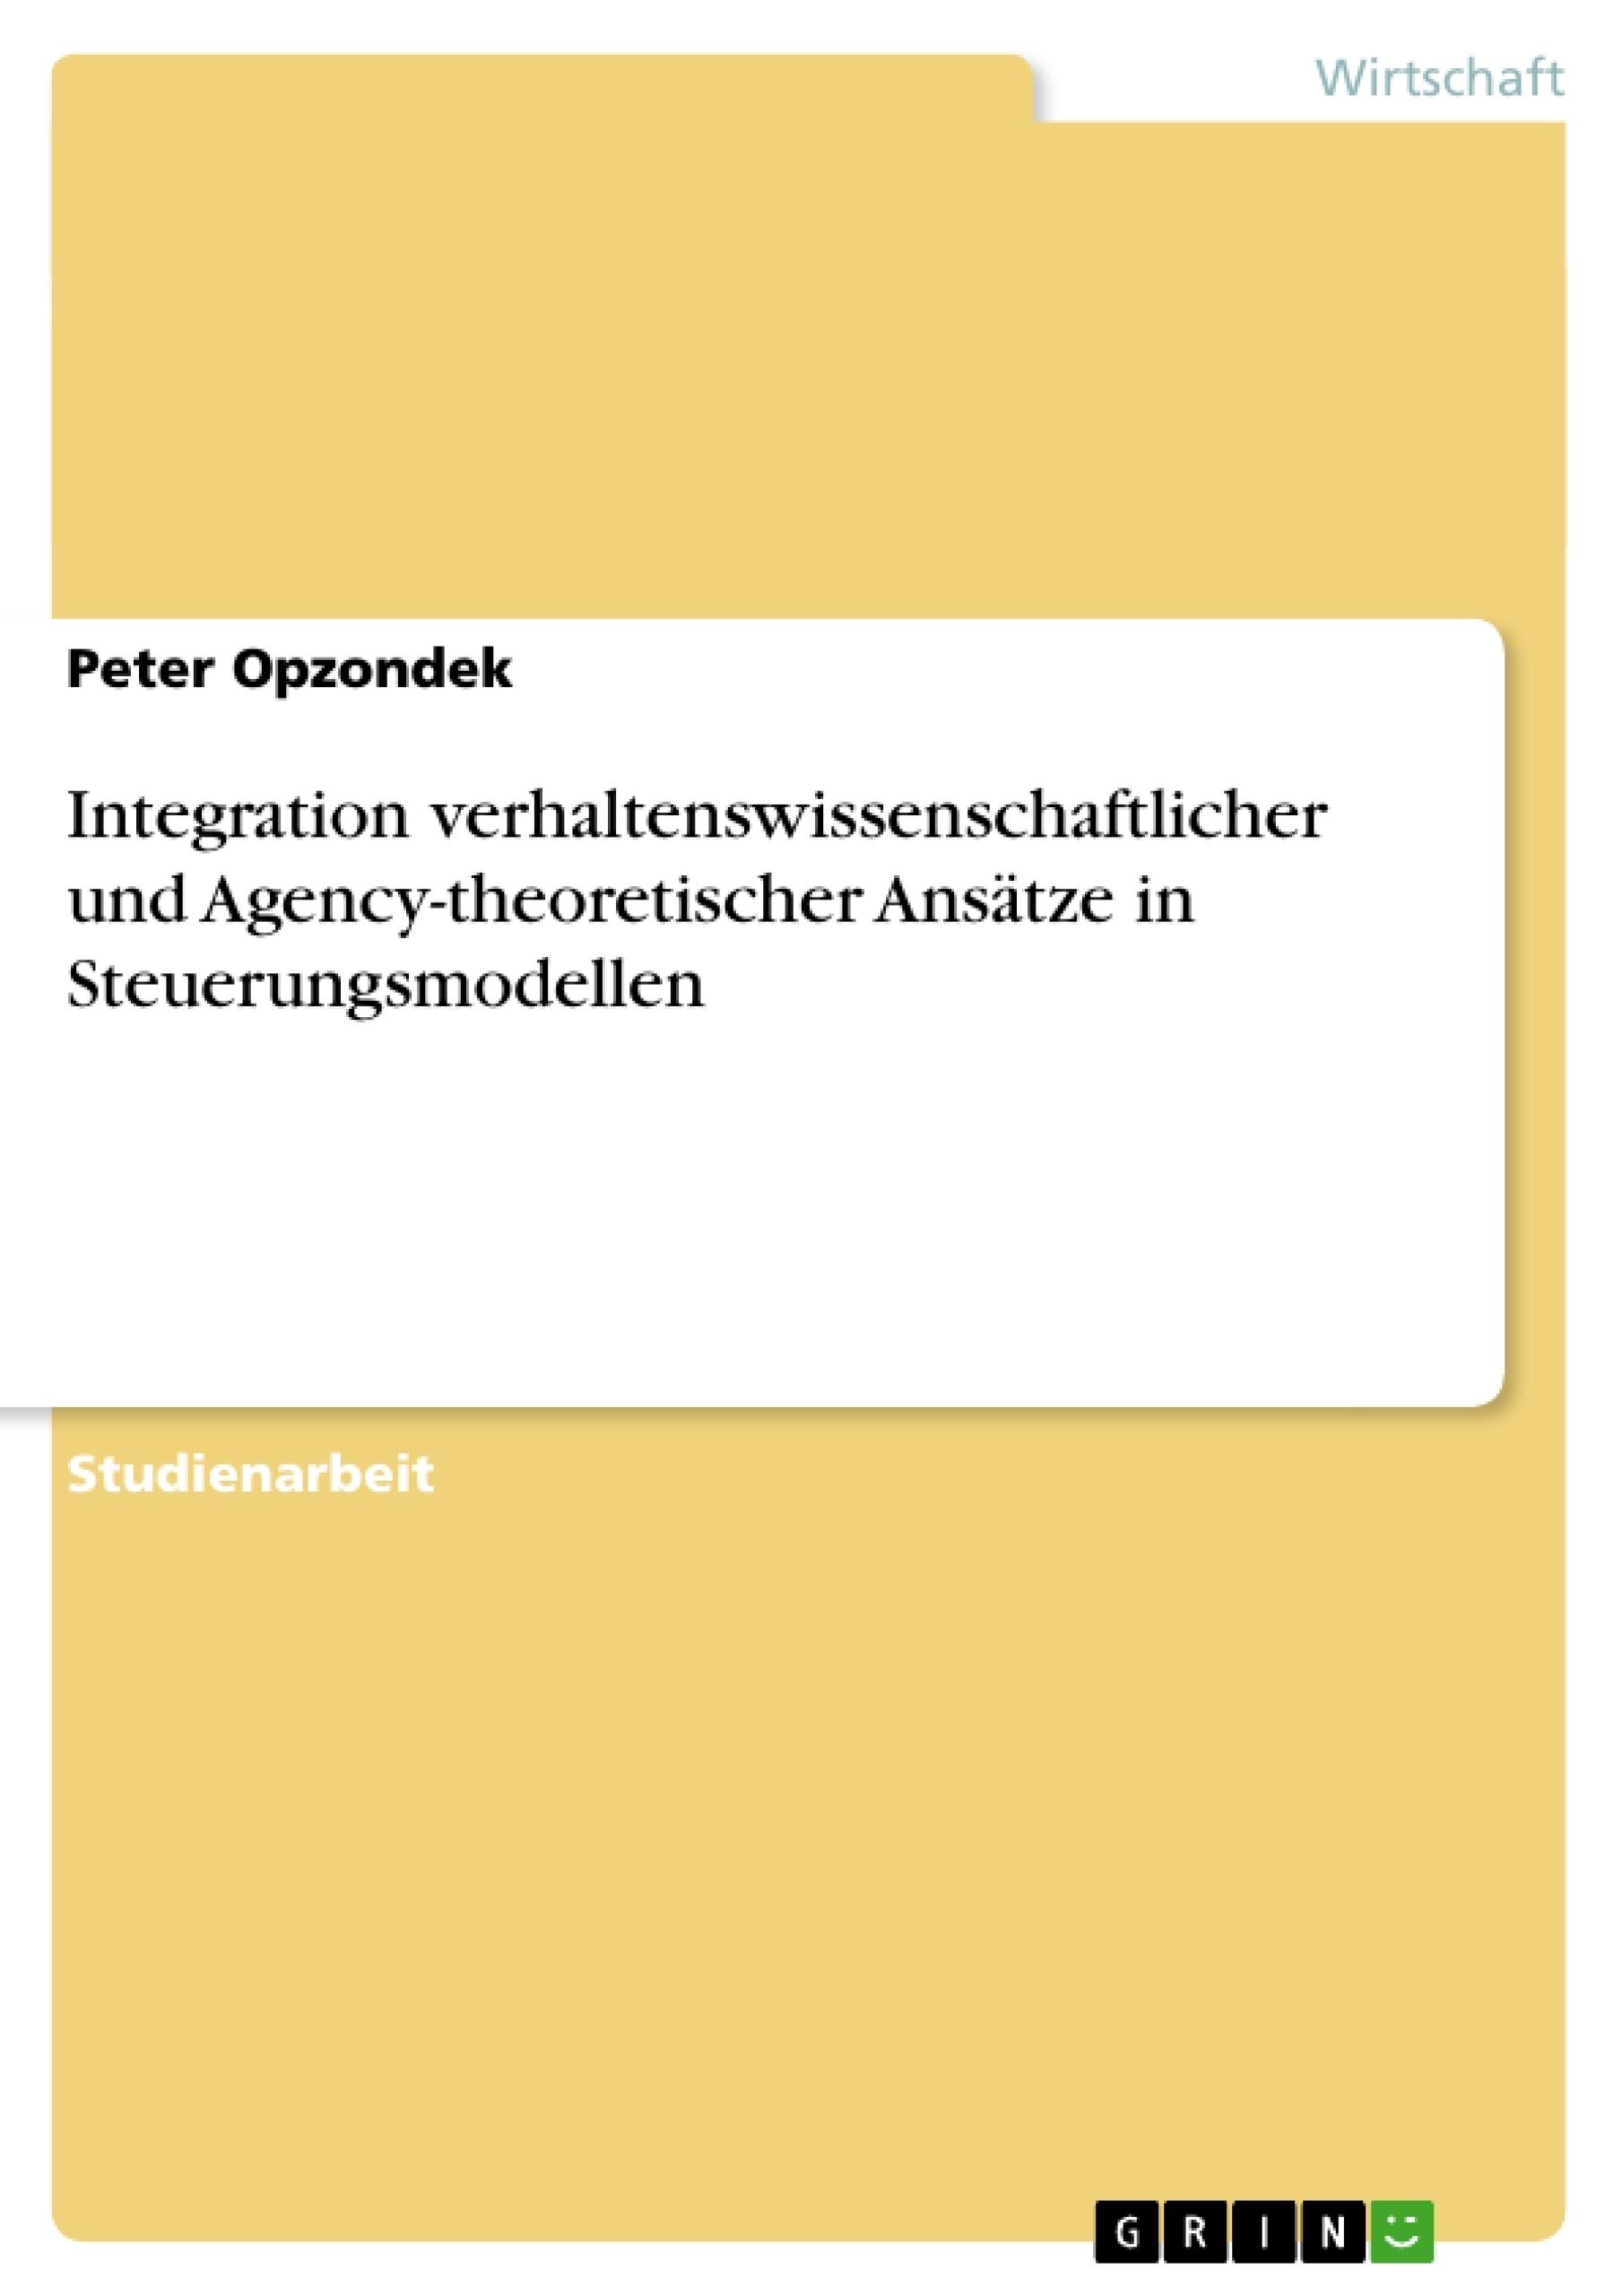 Titel: Integration verhaltenswissenschaftlicher und Agency-theoretischer Ansätze in Steuerungsmodellen